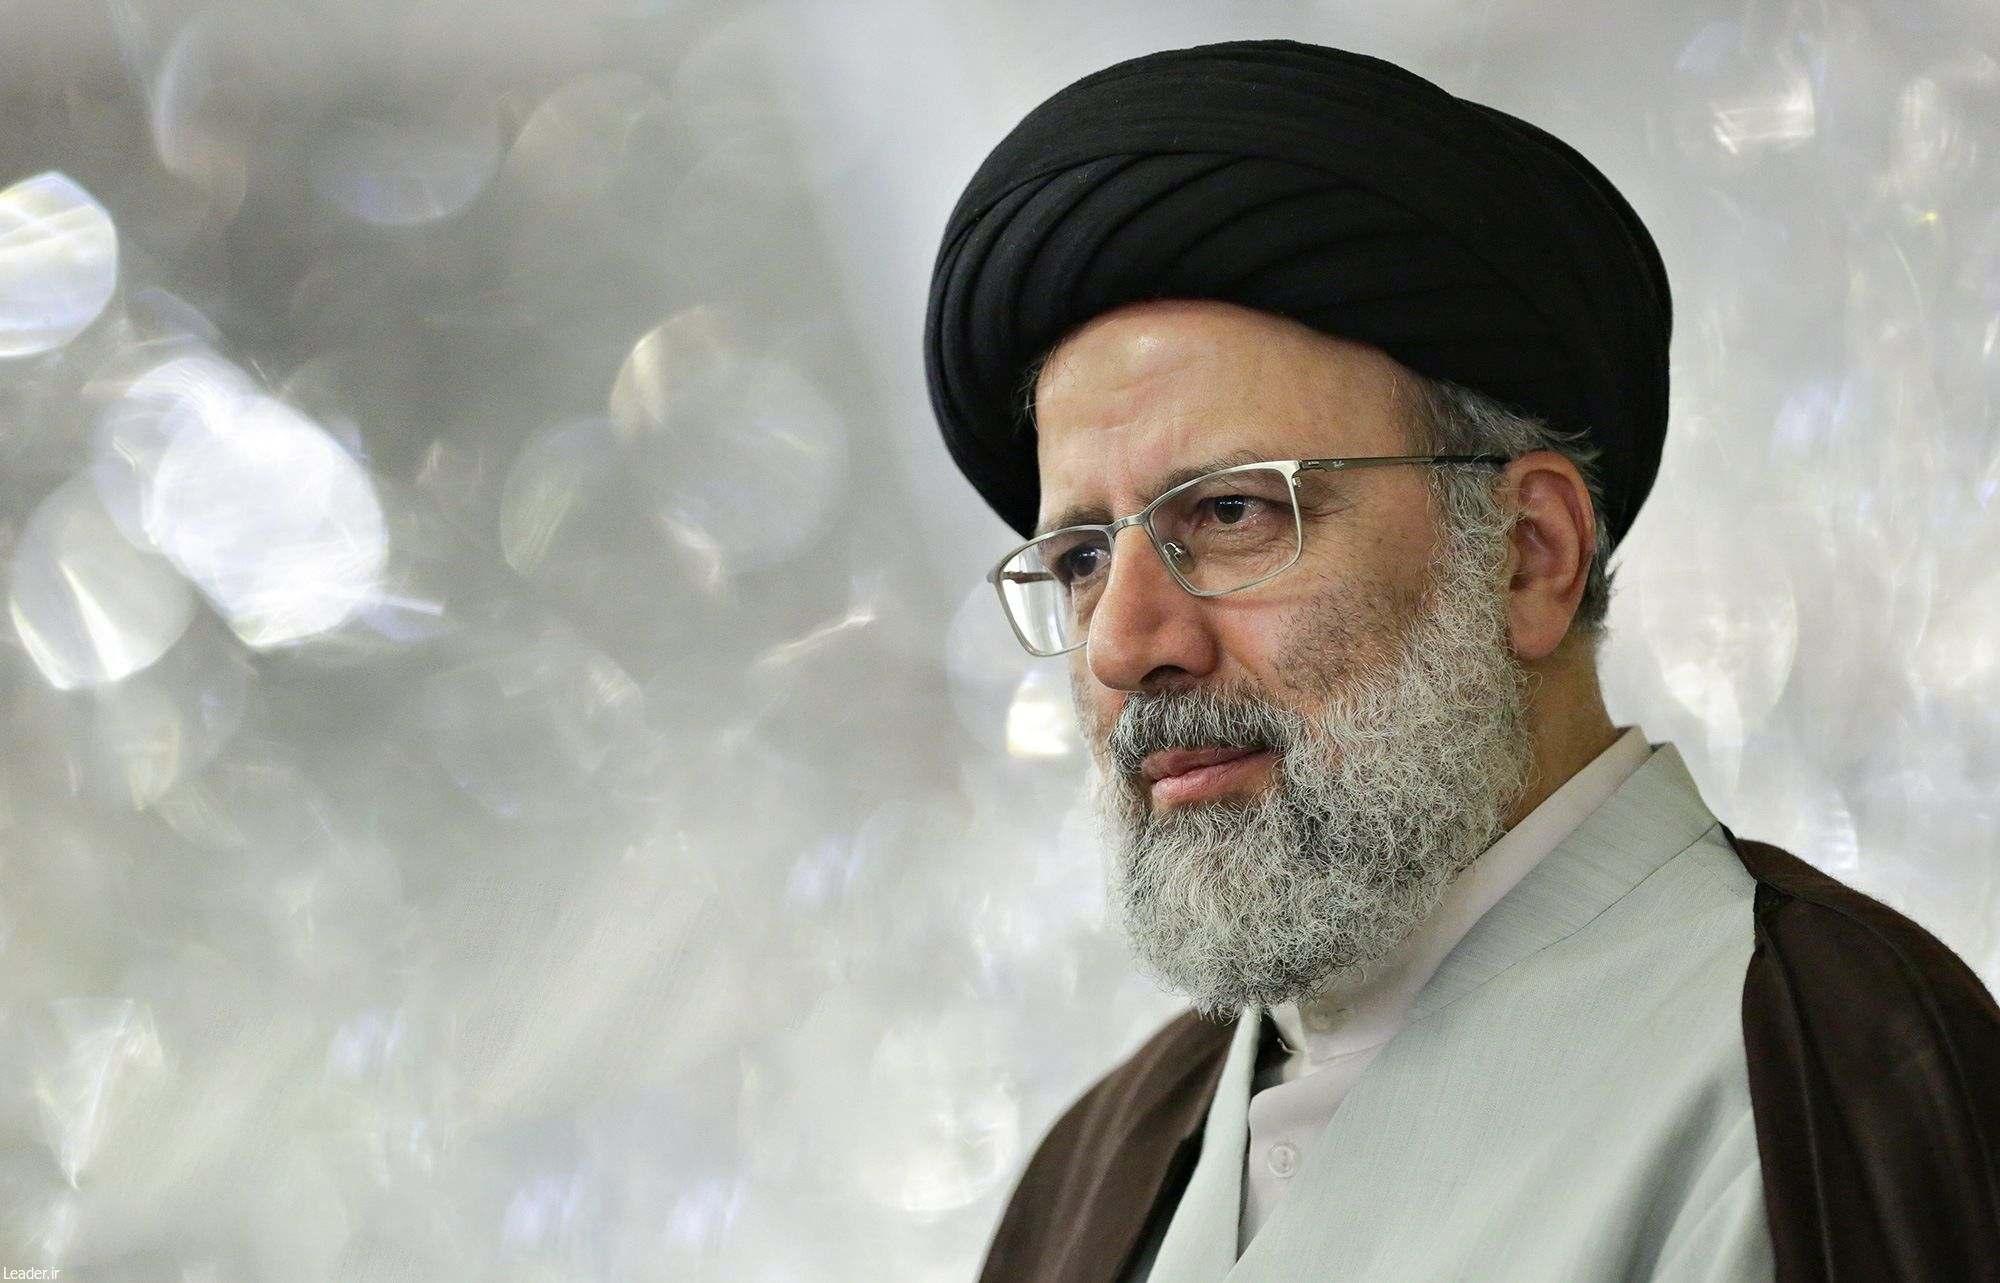 دستور رئیس دستگاه قضا برای برخورد با مقصرین حادثه زندان سقز